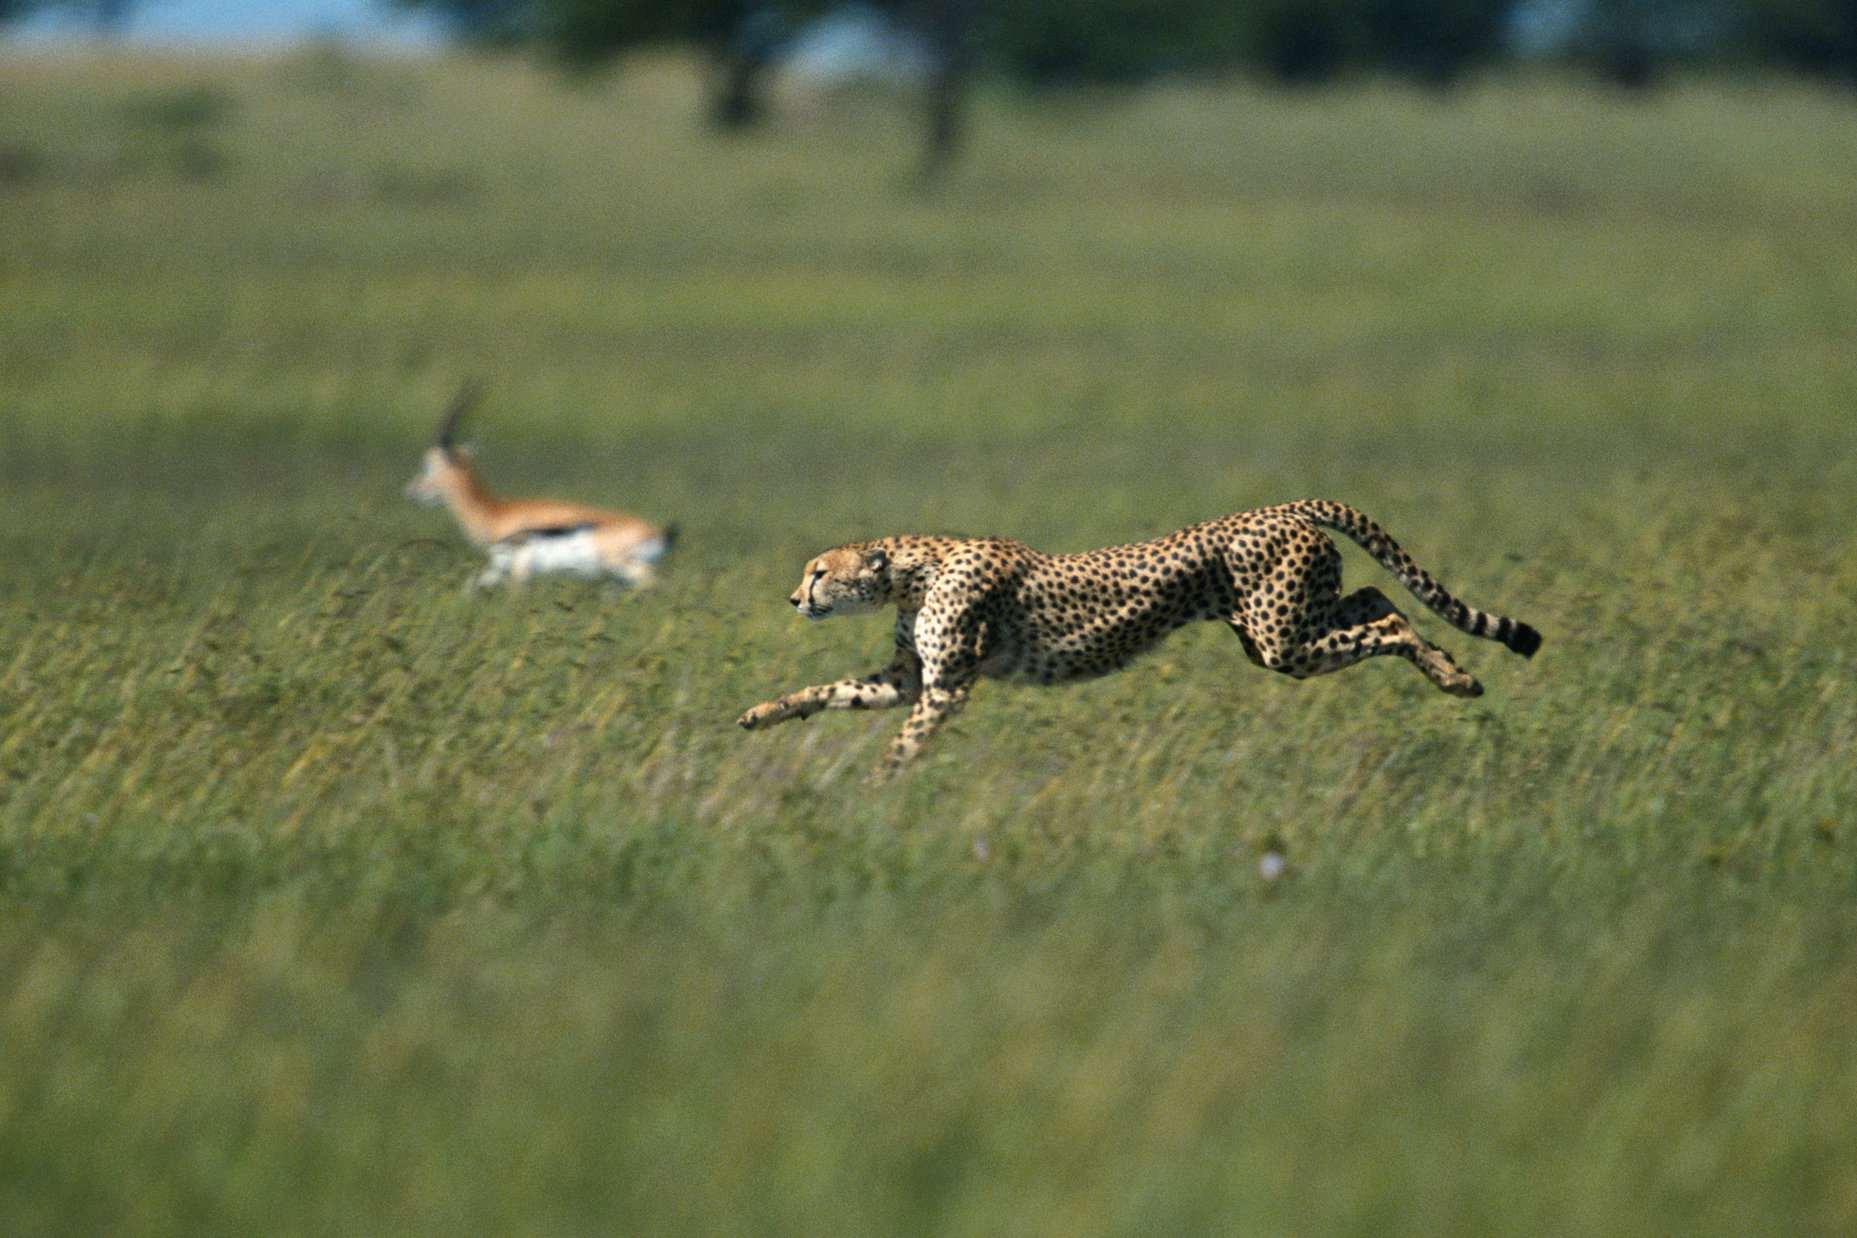 A cheetah chasing a gazelle